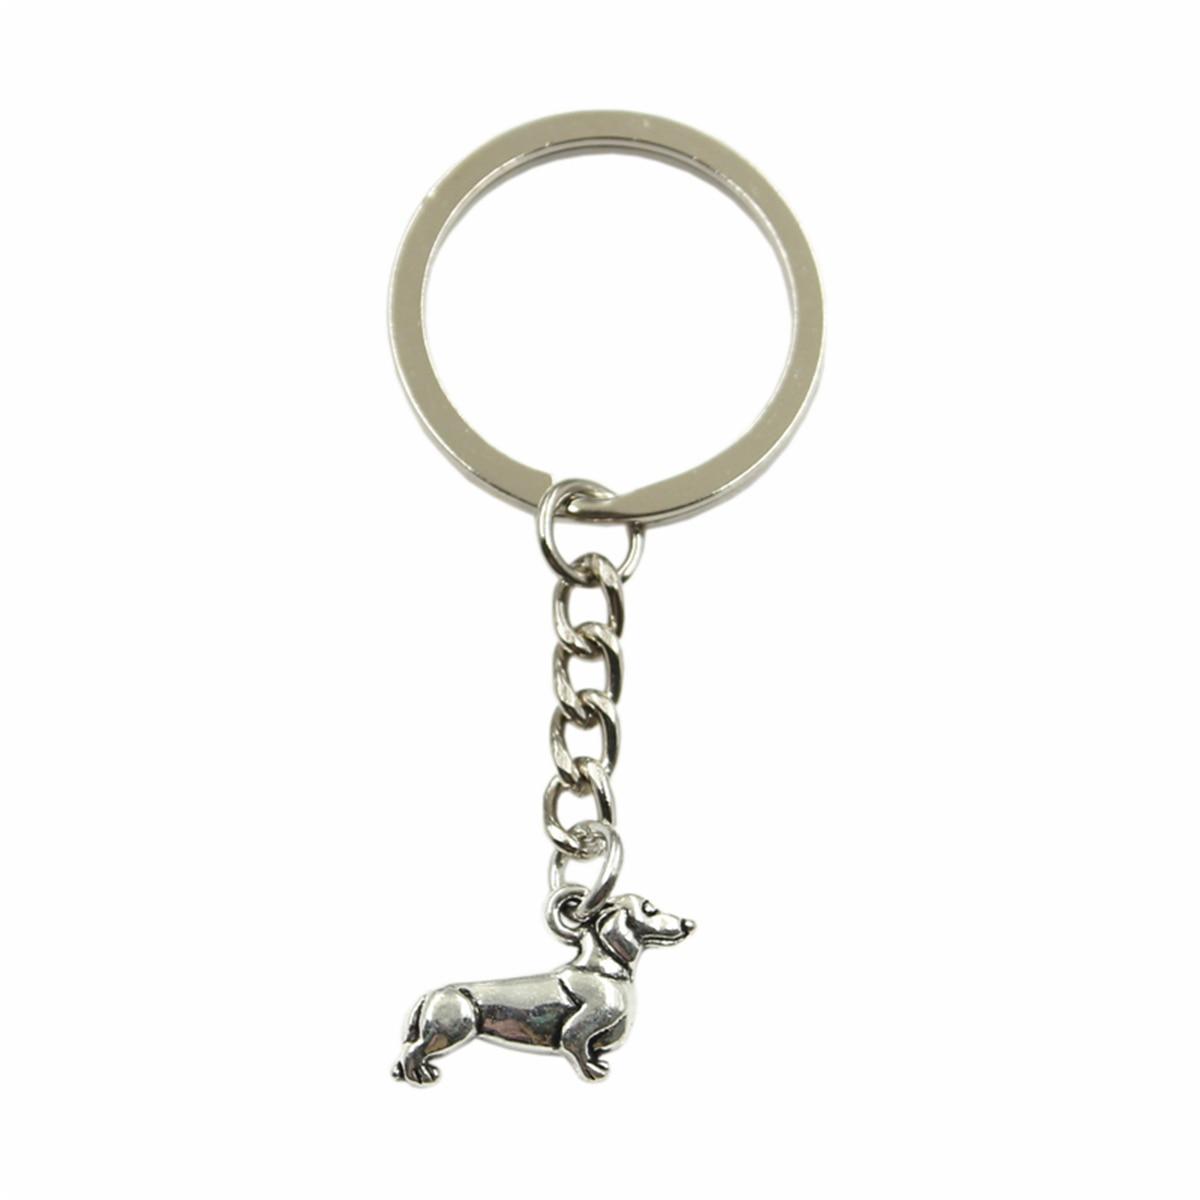 Neue Mode Für Männer Hohe Qualität Auto Keychain DIY Metall Halter Kette Silber Farbe Hund Dackel Anhänger Für Geschenk